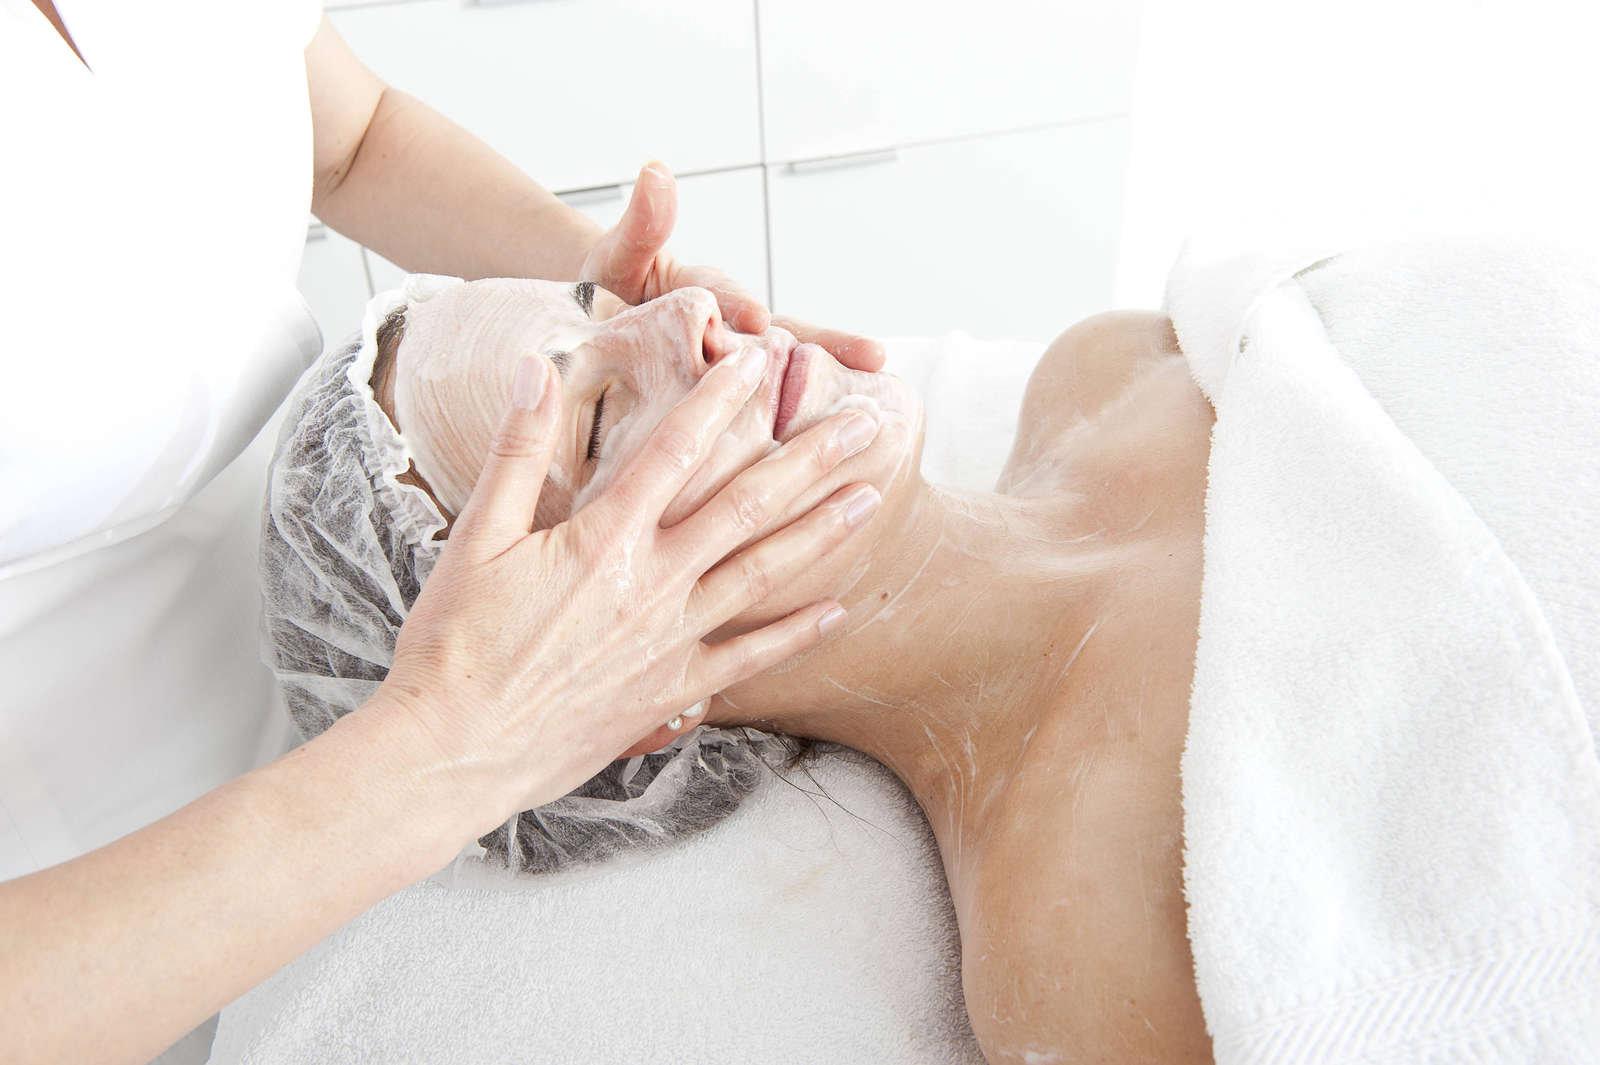 Kl. Gesichtsbehandlung ohne Massage